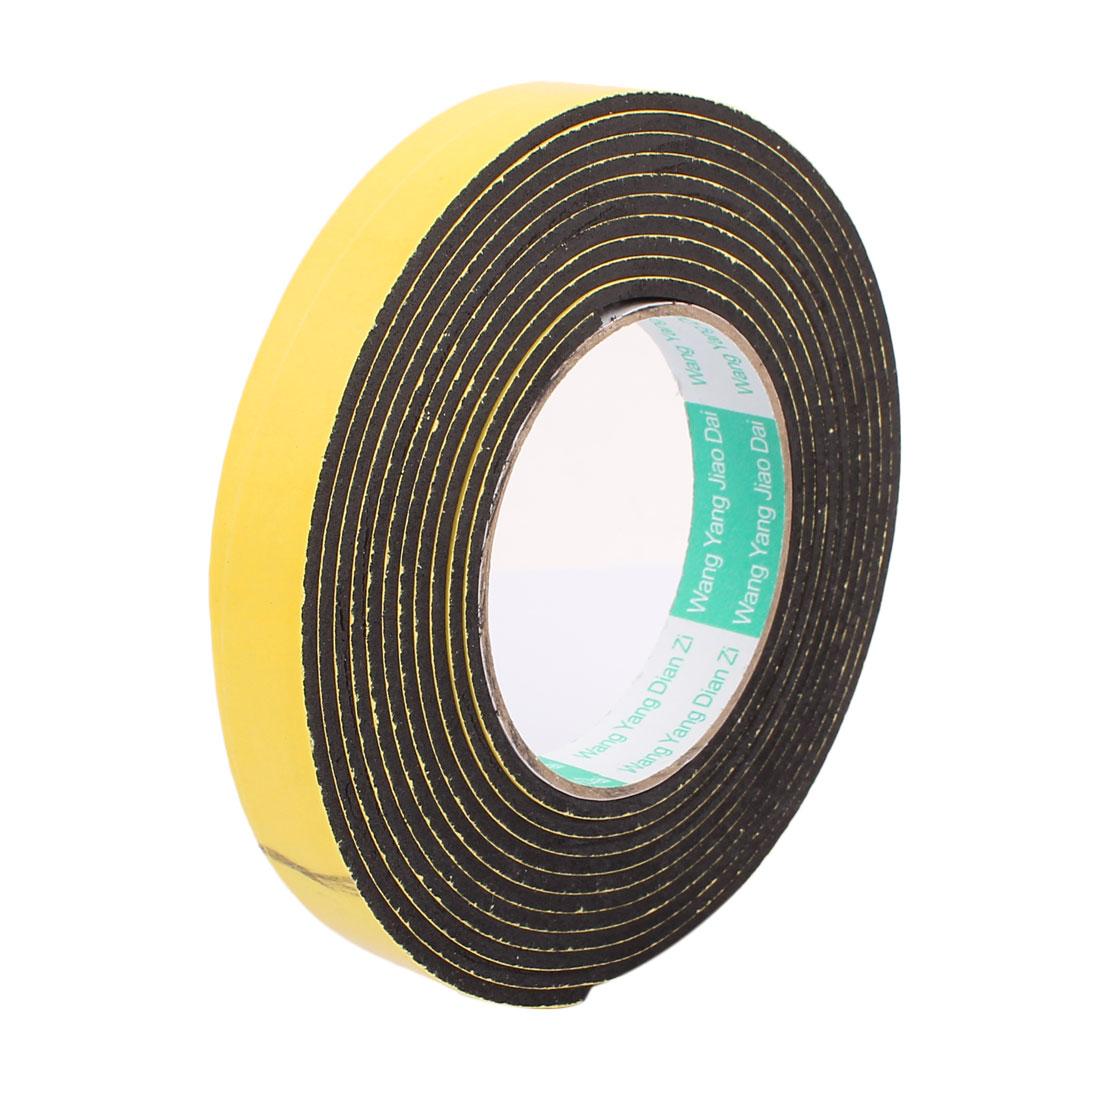 20mm Width Single Side Self Adhesive Shockproof Sponge Foam Tape 4 Meters Length